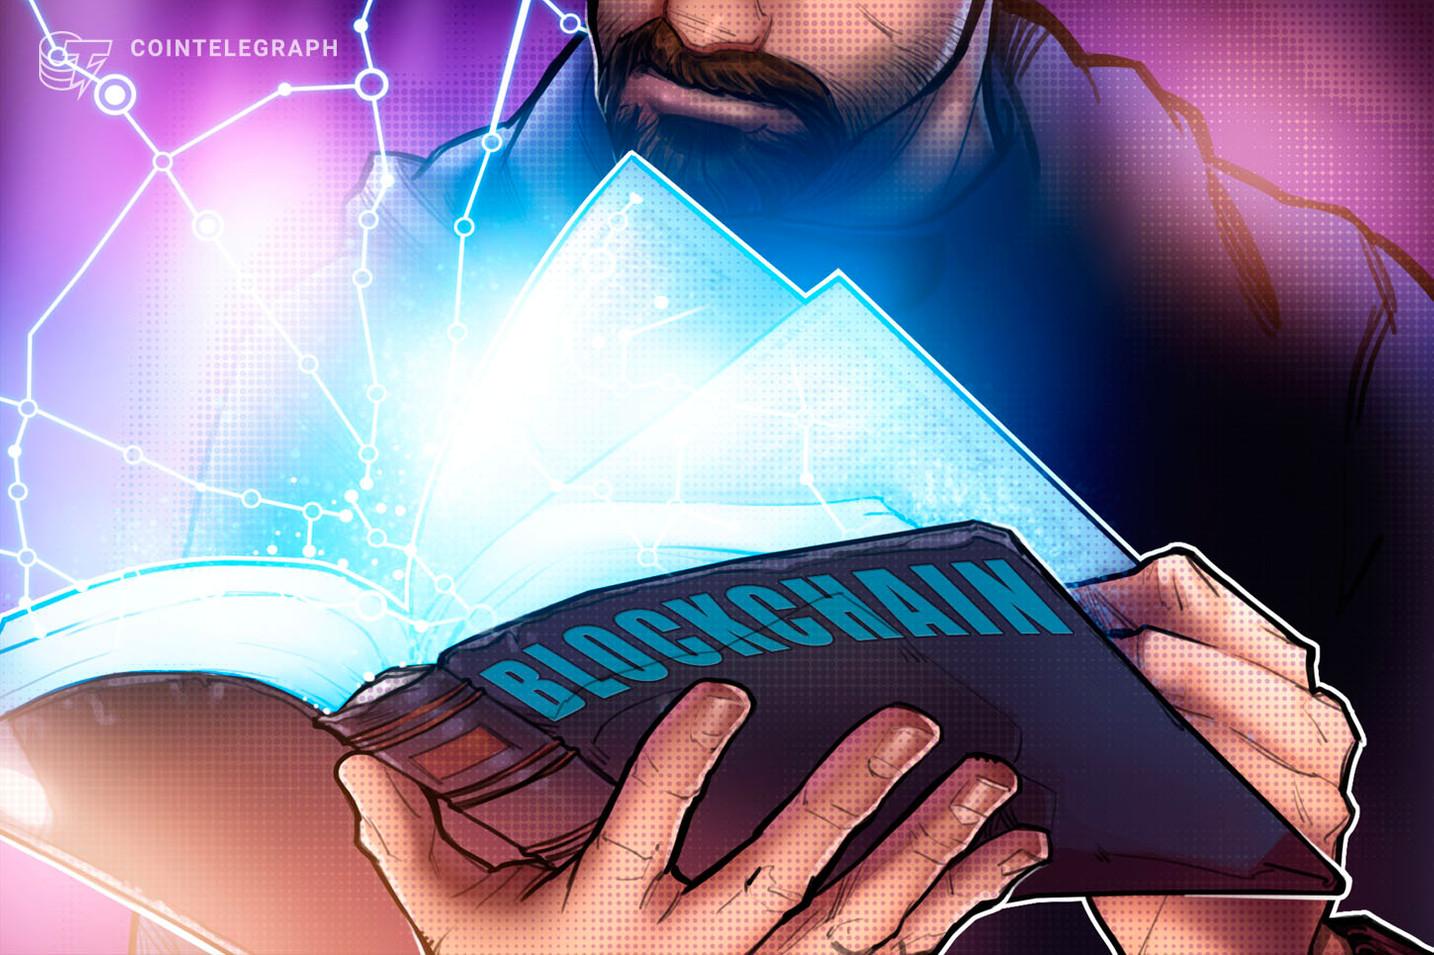 """Gemini lanza una plataforma de educación sobre criptomonedas con una """"red de expertos"""""""